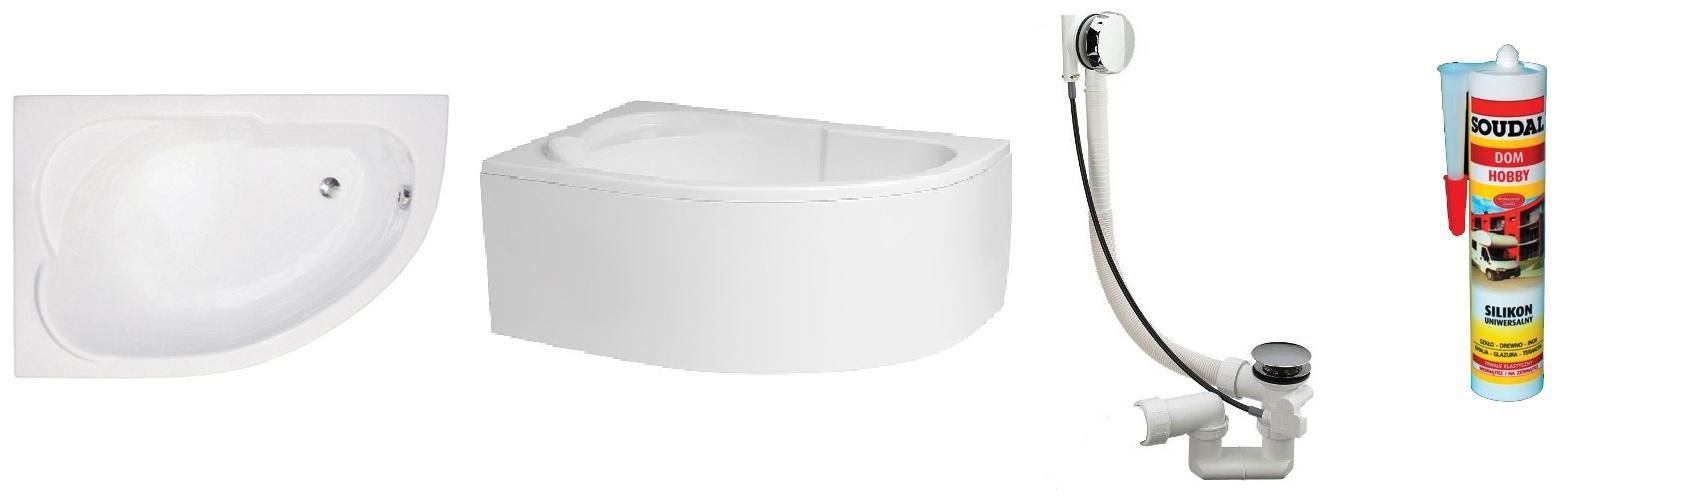 Badewanne eckbadewanne acryl 130 x 85 cm mit ohne for Fenetre 85 x 130